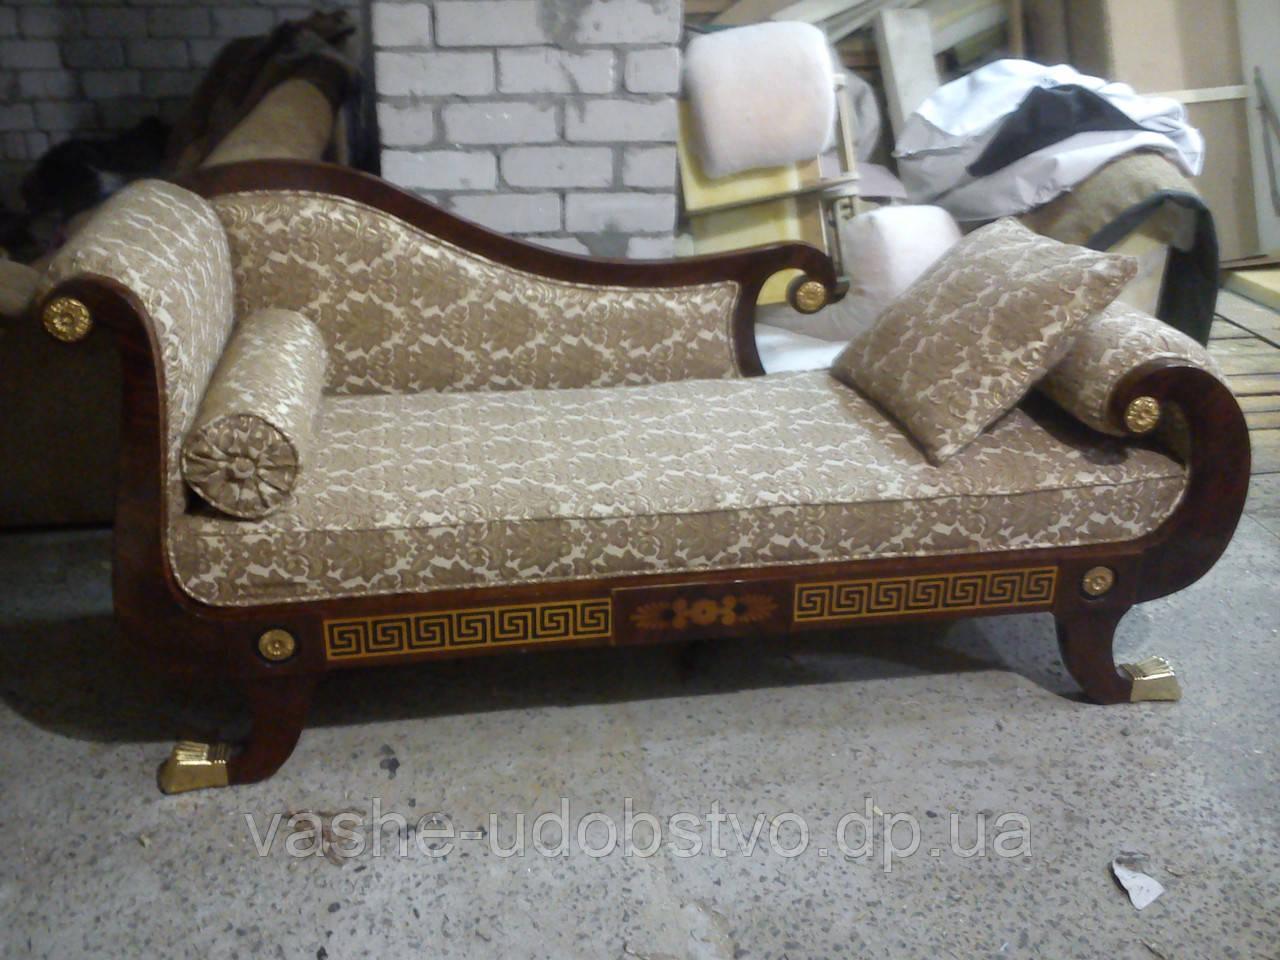 Ремонт мягкой мебели Днепр.